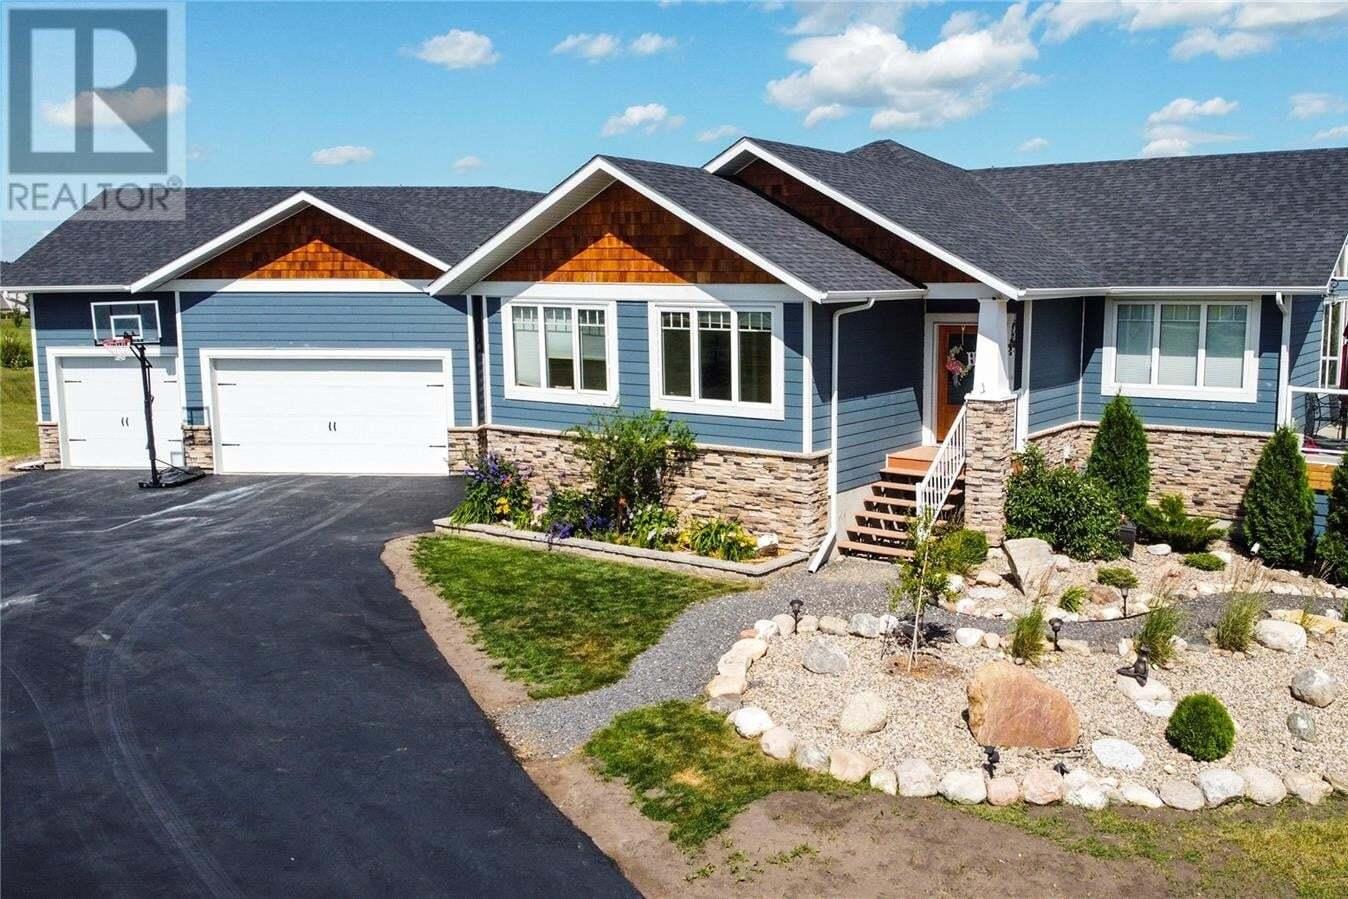 House for sale at 63 Parklane St Corman Park Rm No. 344 Saskatchewan - MLS: SK818945